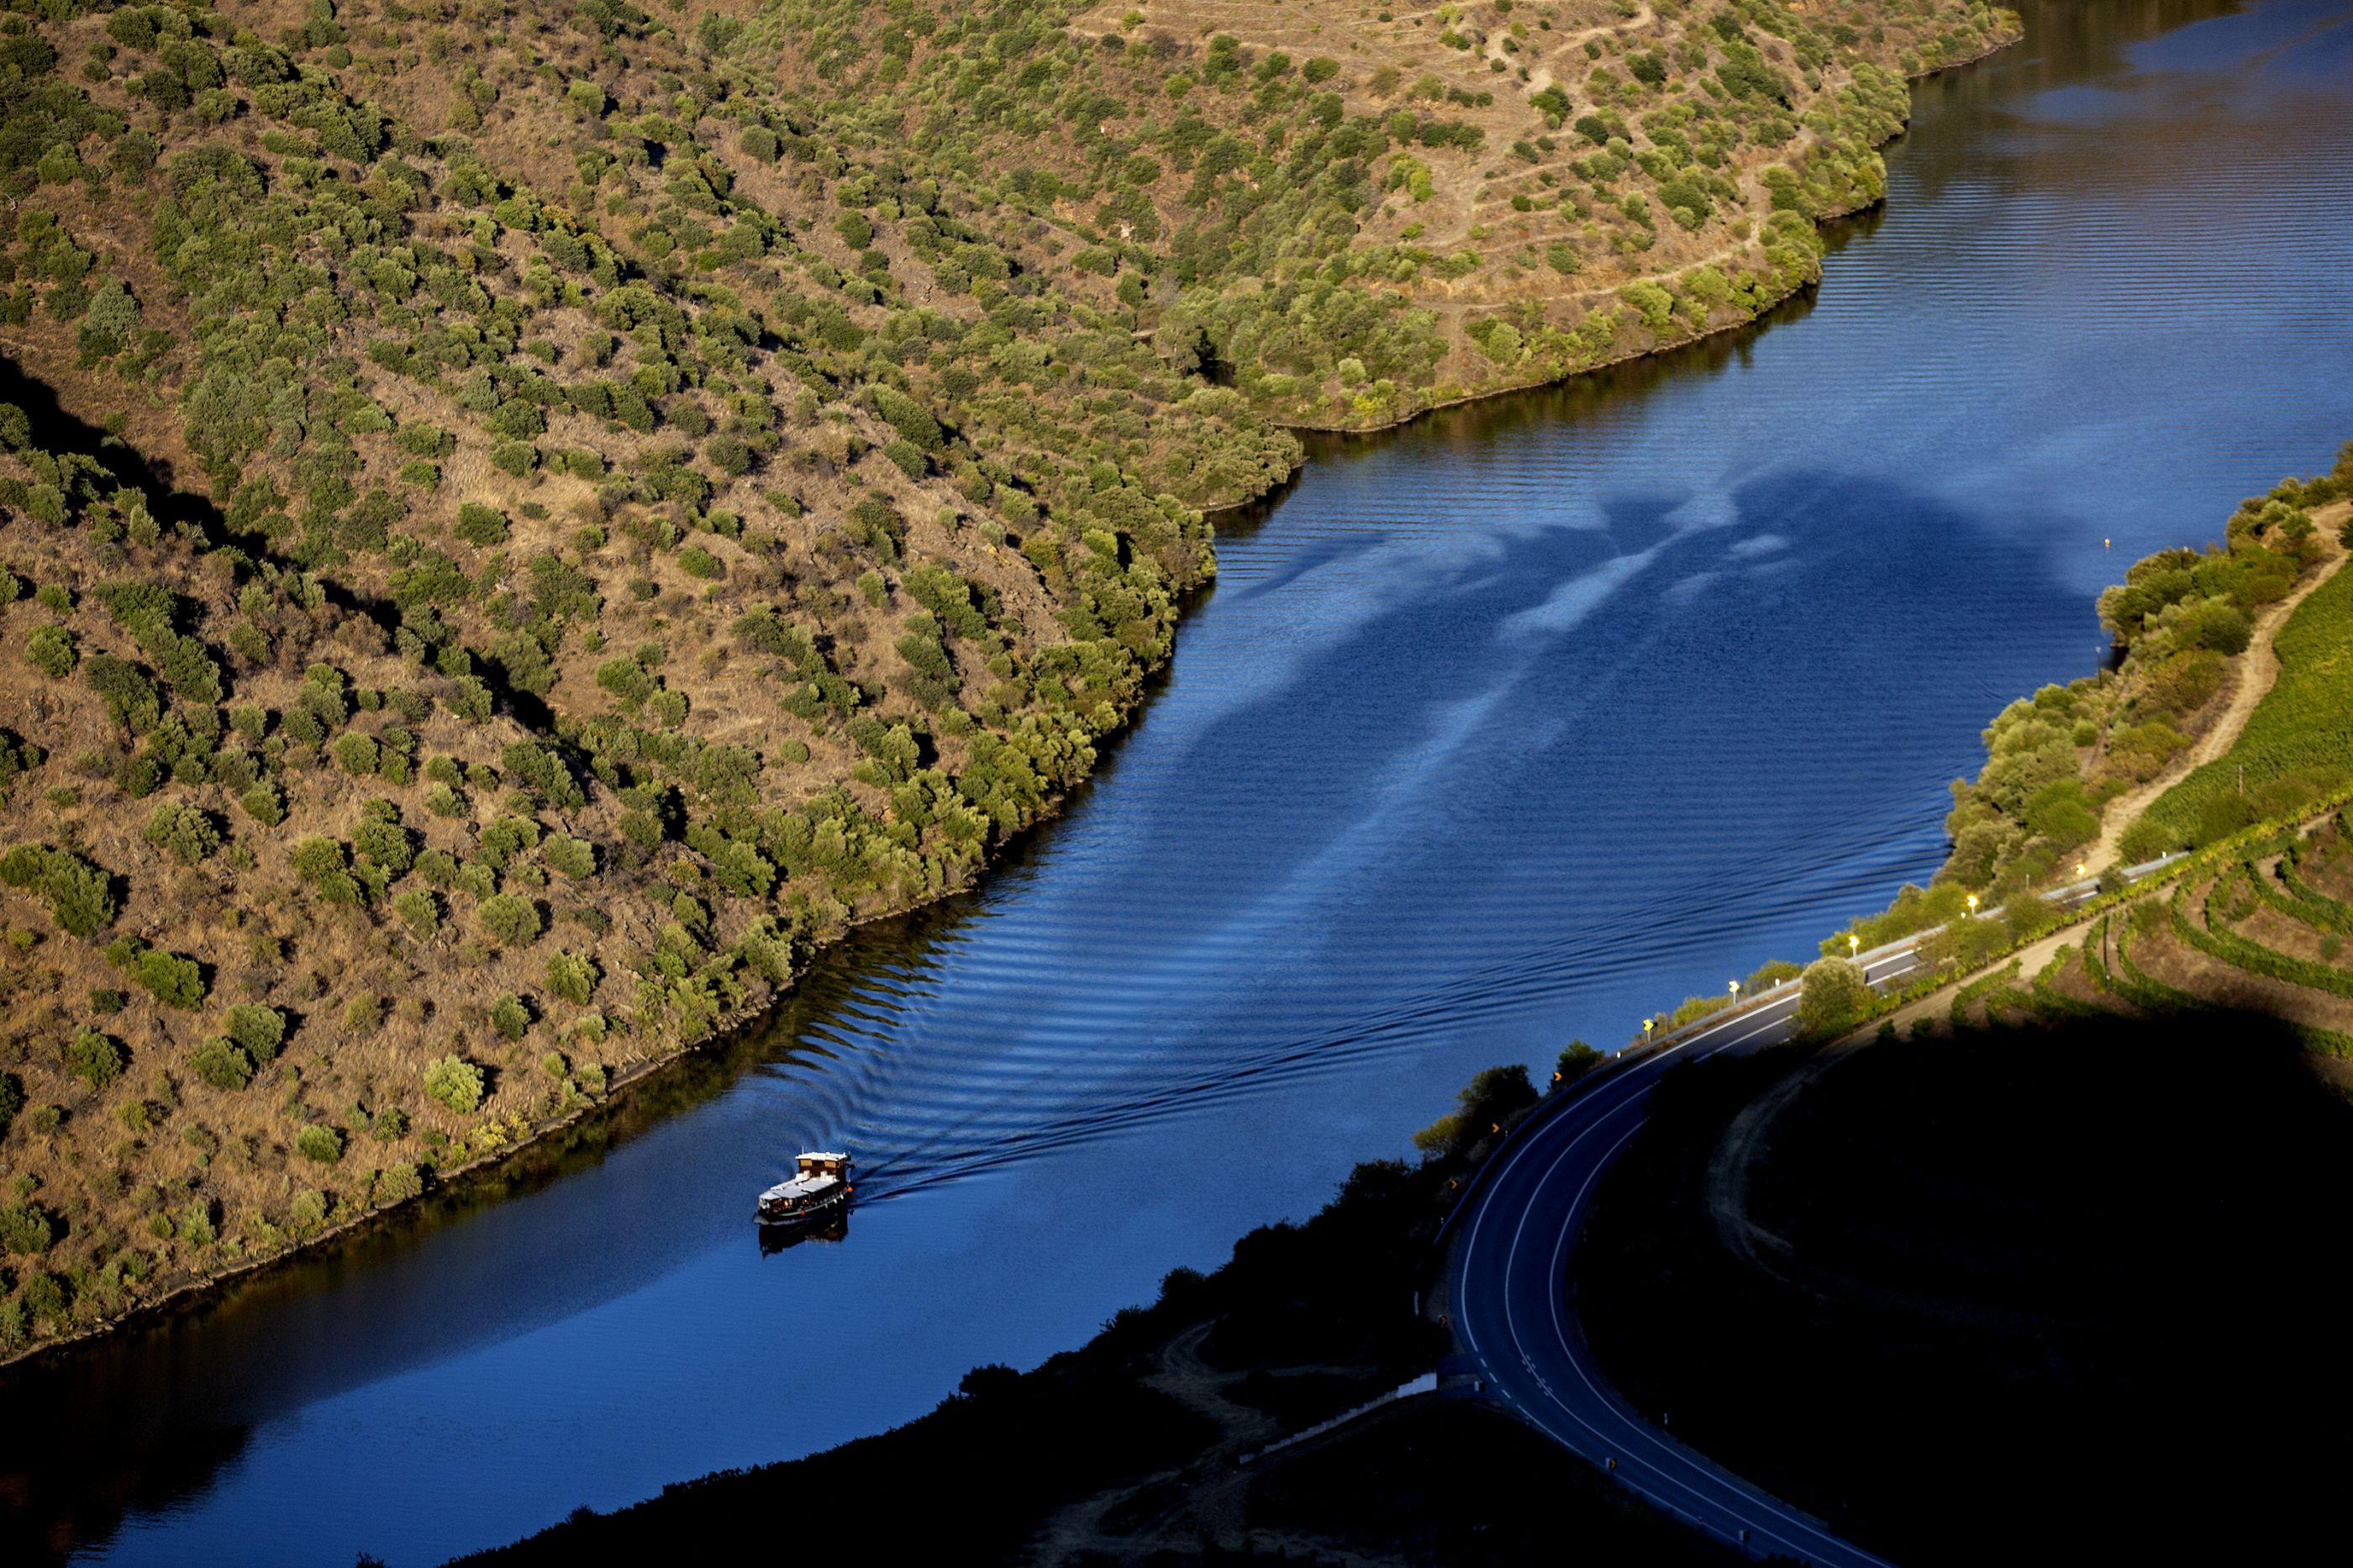 Equipas de socorro resgataram corpo de homem desaparecido no rio Côa